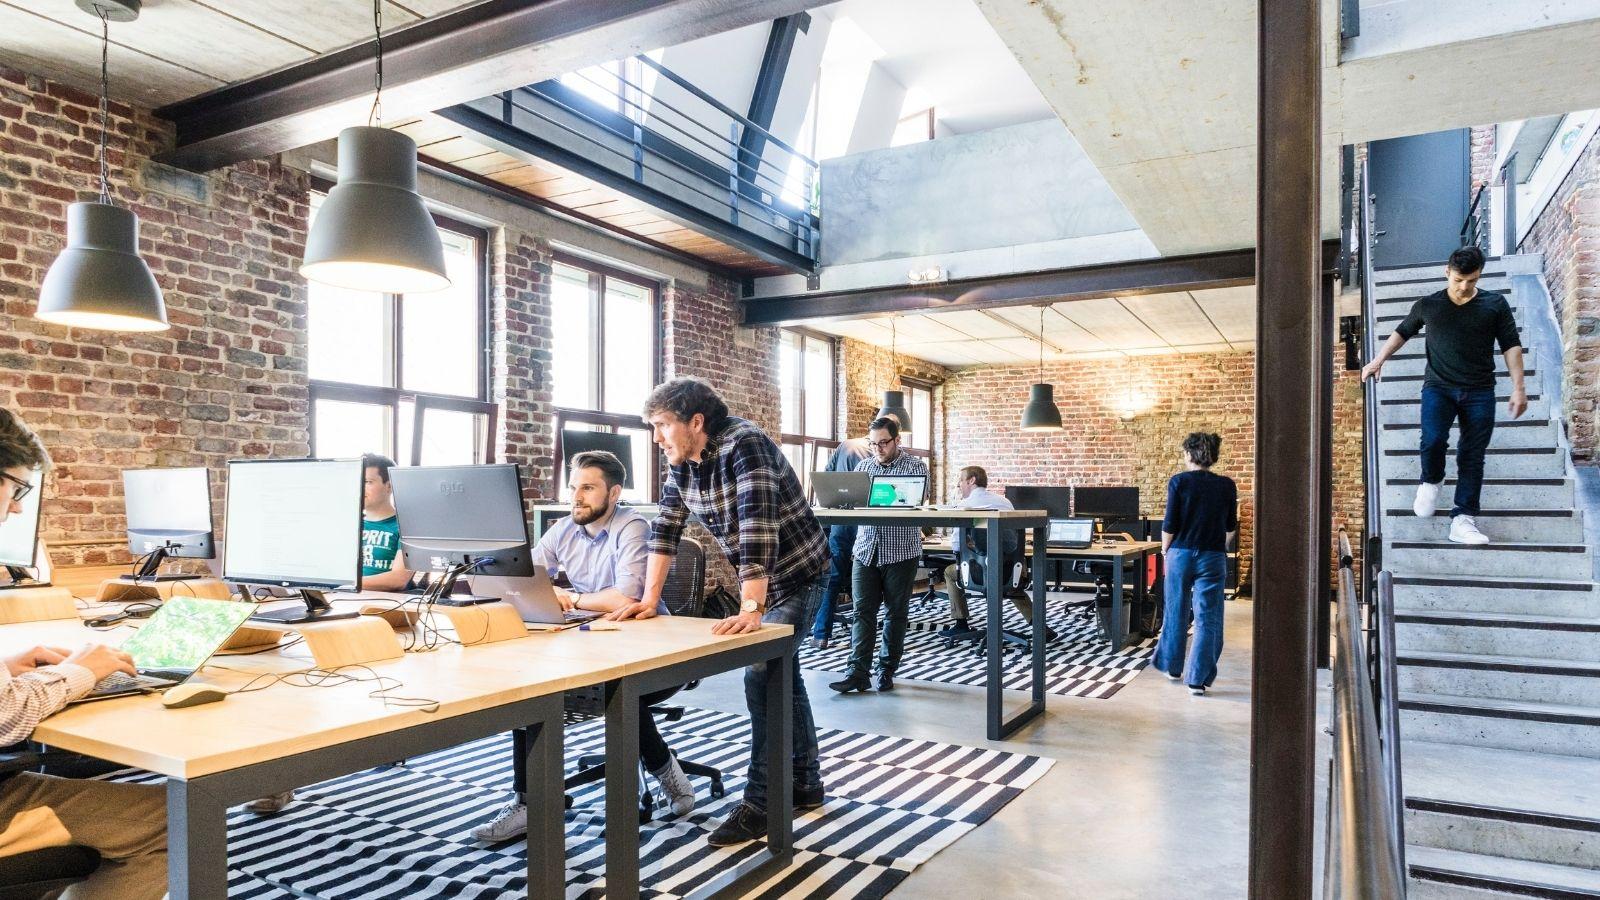 RAPORT: Kompetencje przyszłości na rynku pracy Trendy mediarun modern office